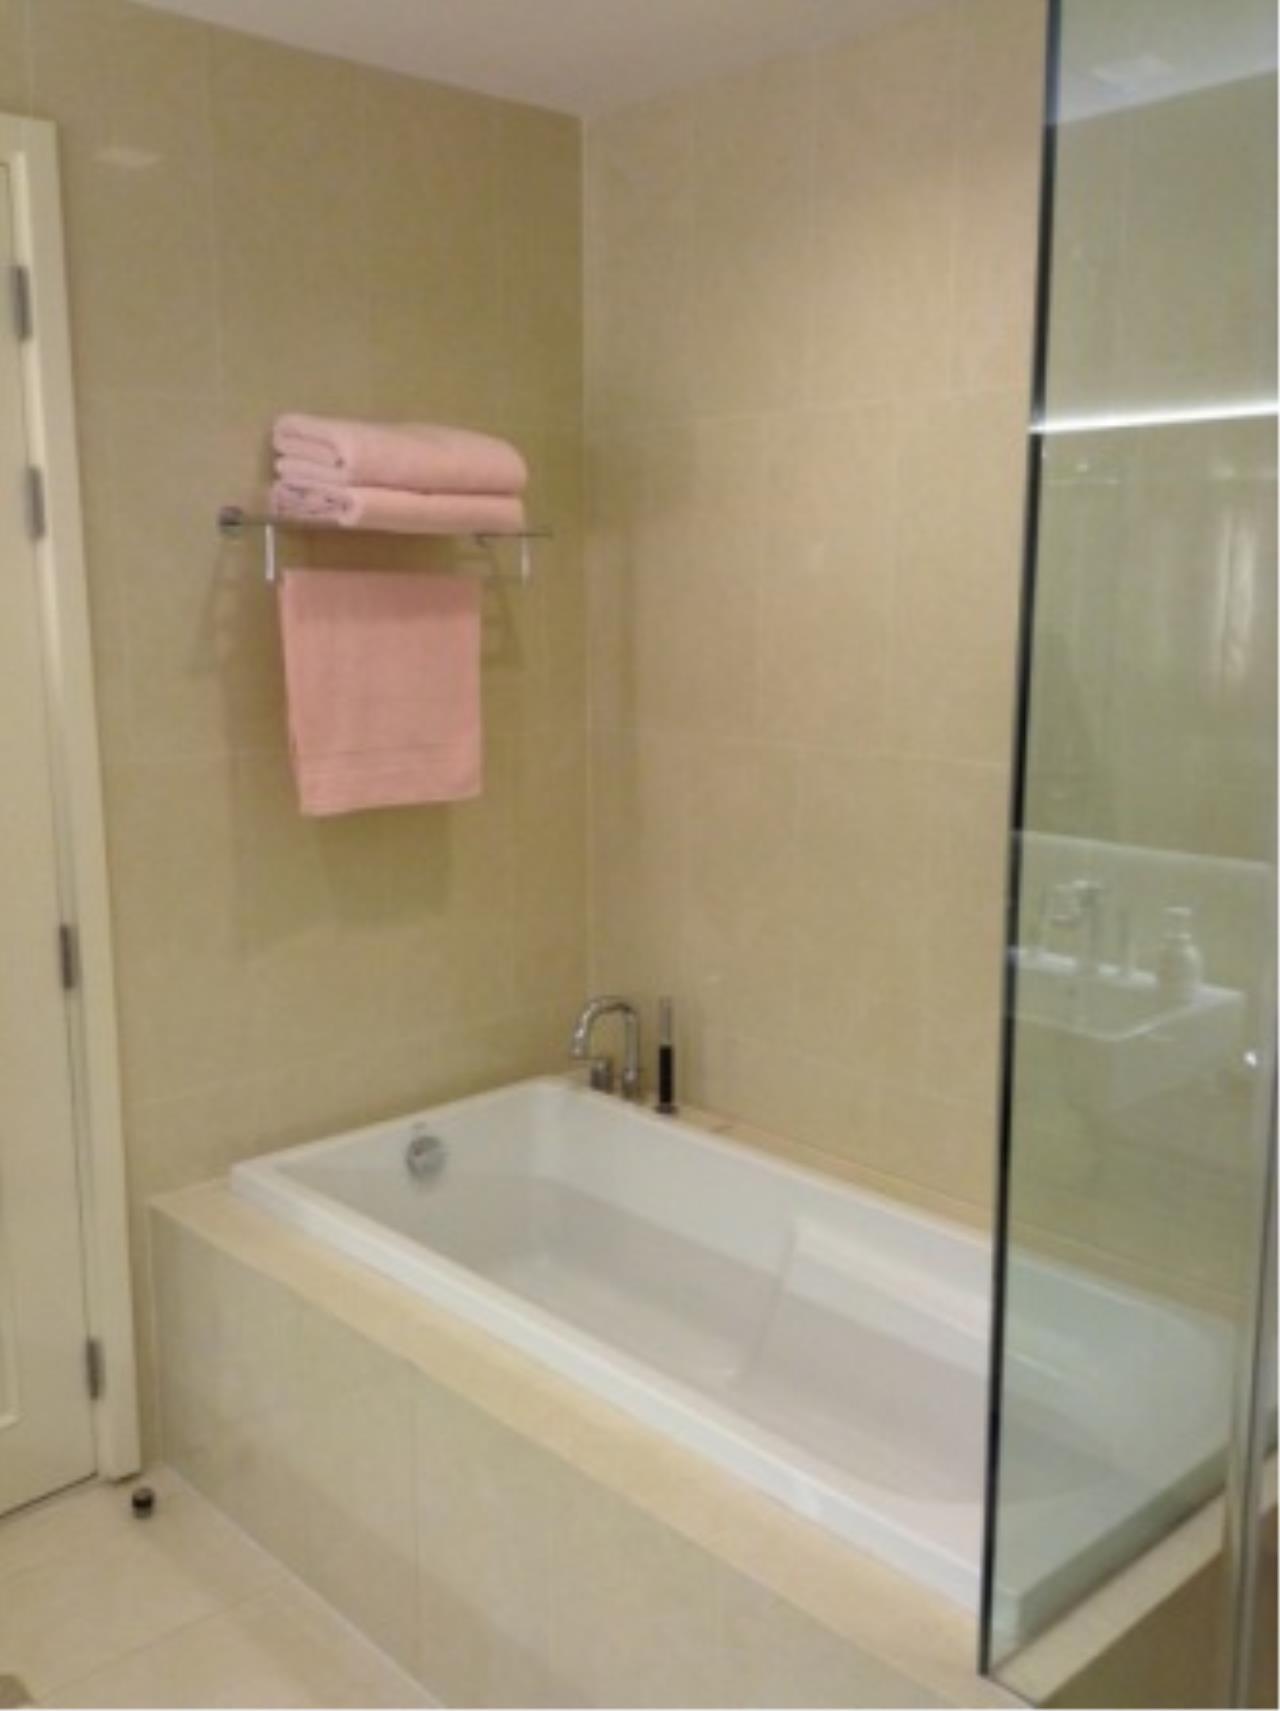 BKK Condos Agency's Three bedroom condo for sale at Sukhumvit City Resort   Sukhumvit 11 20